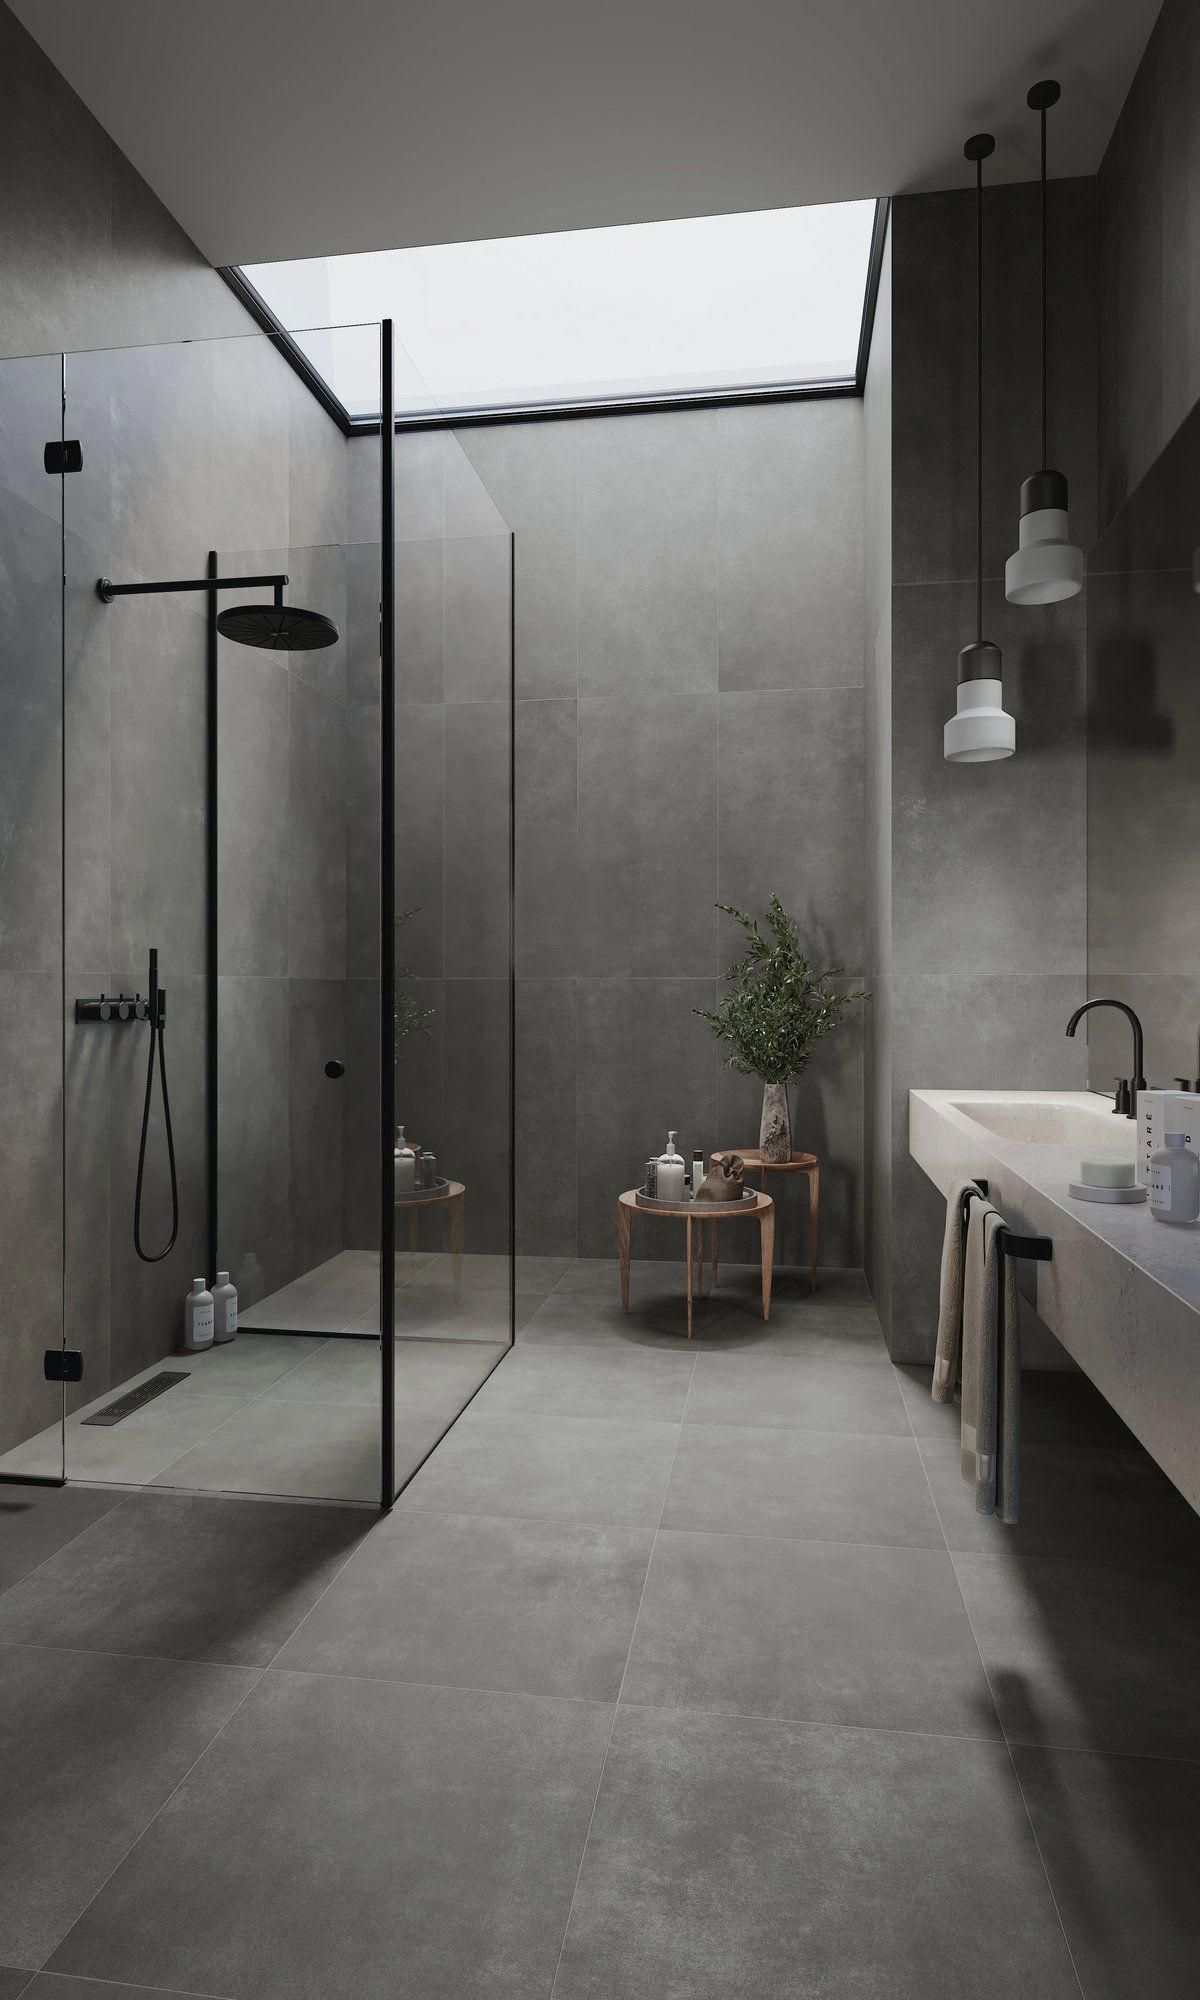 Vloertegels 120x120 Cm A23 Lux Antraciet Modernbathroom 120x120 A23 Antraciet In 2020 Wohnung Badezimmer Badezimmer Modernes Badezimmerdesign